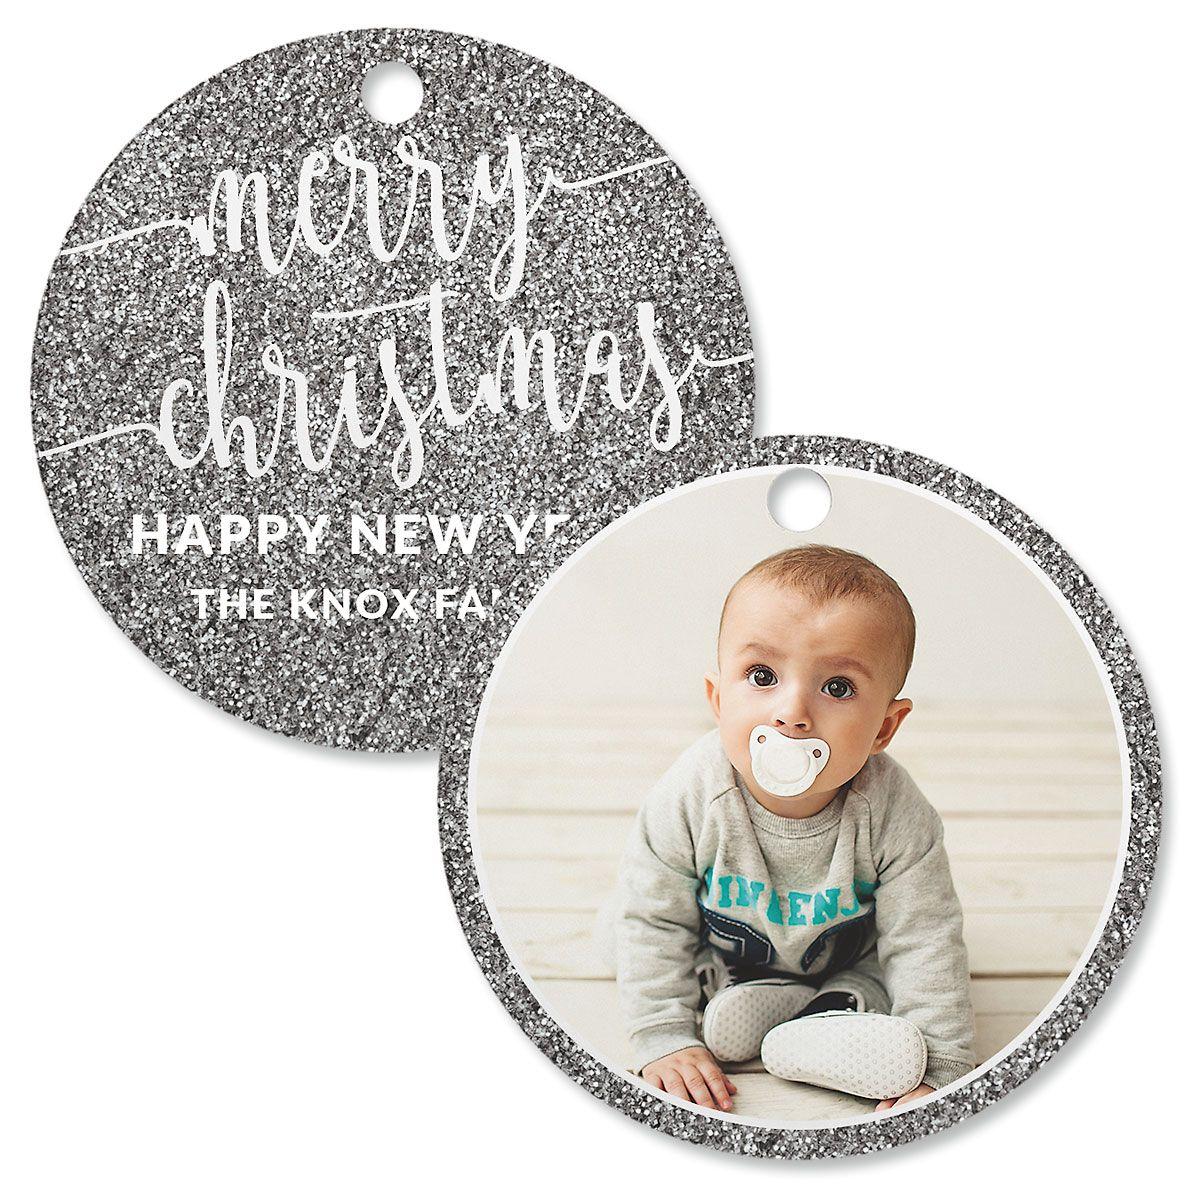 Silver Glitter Personalized Photo Ornament – Circle